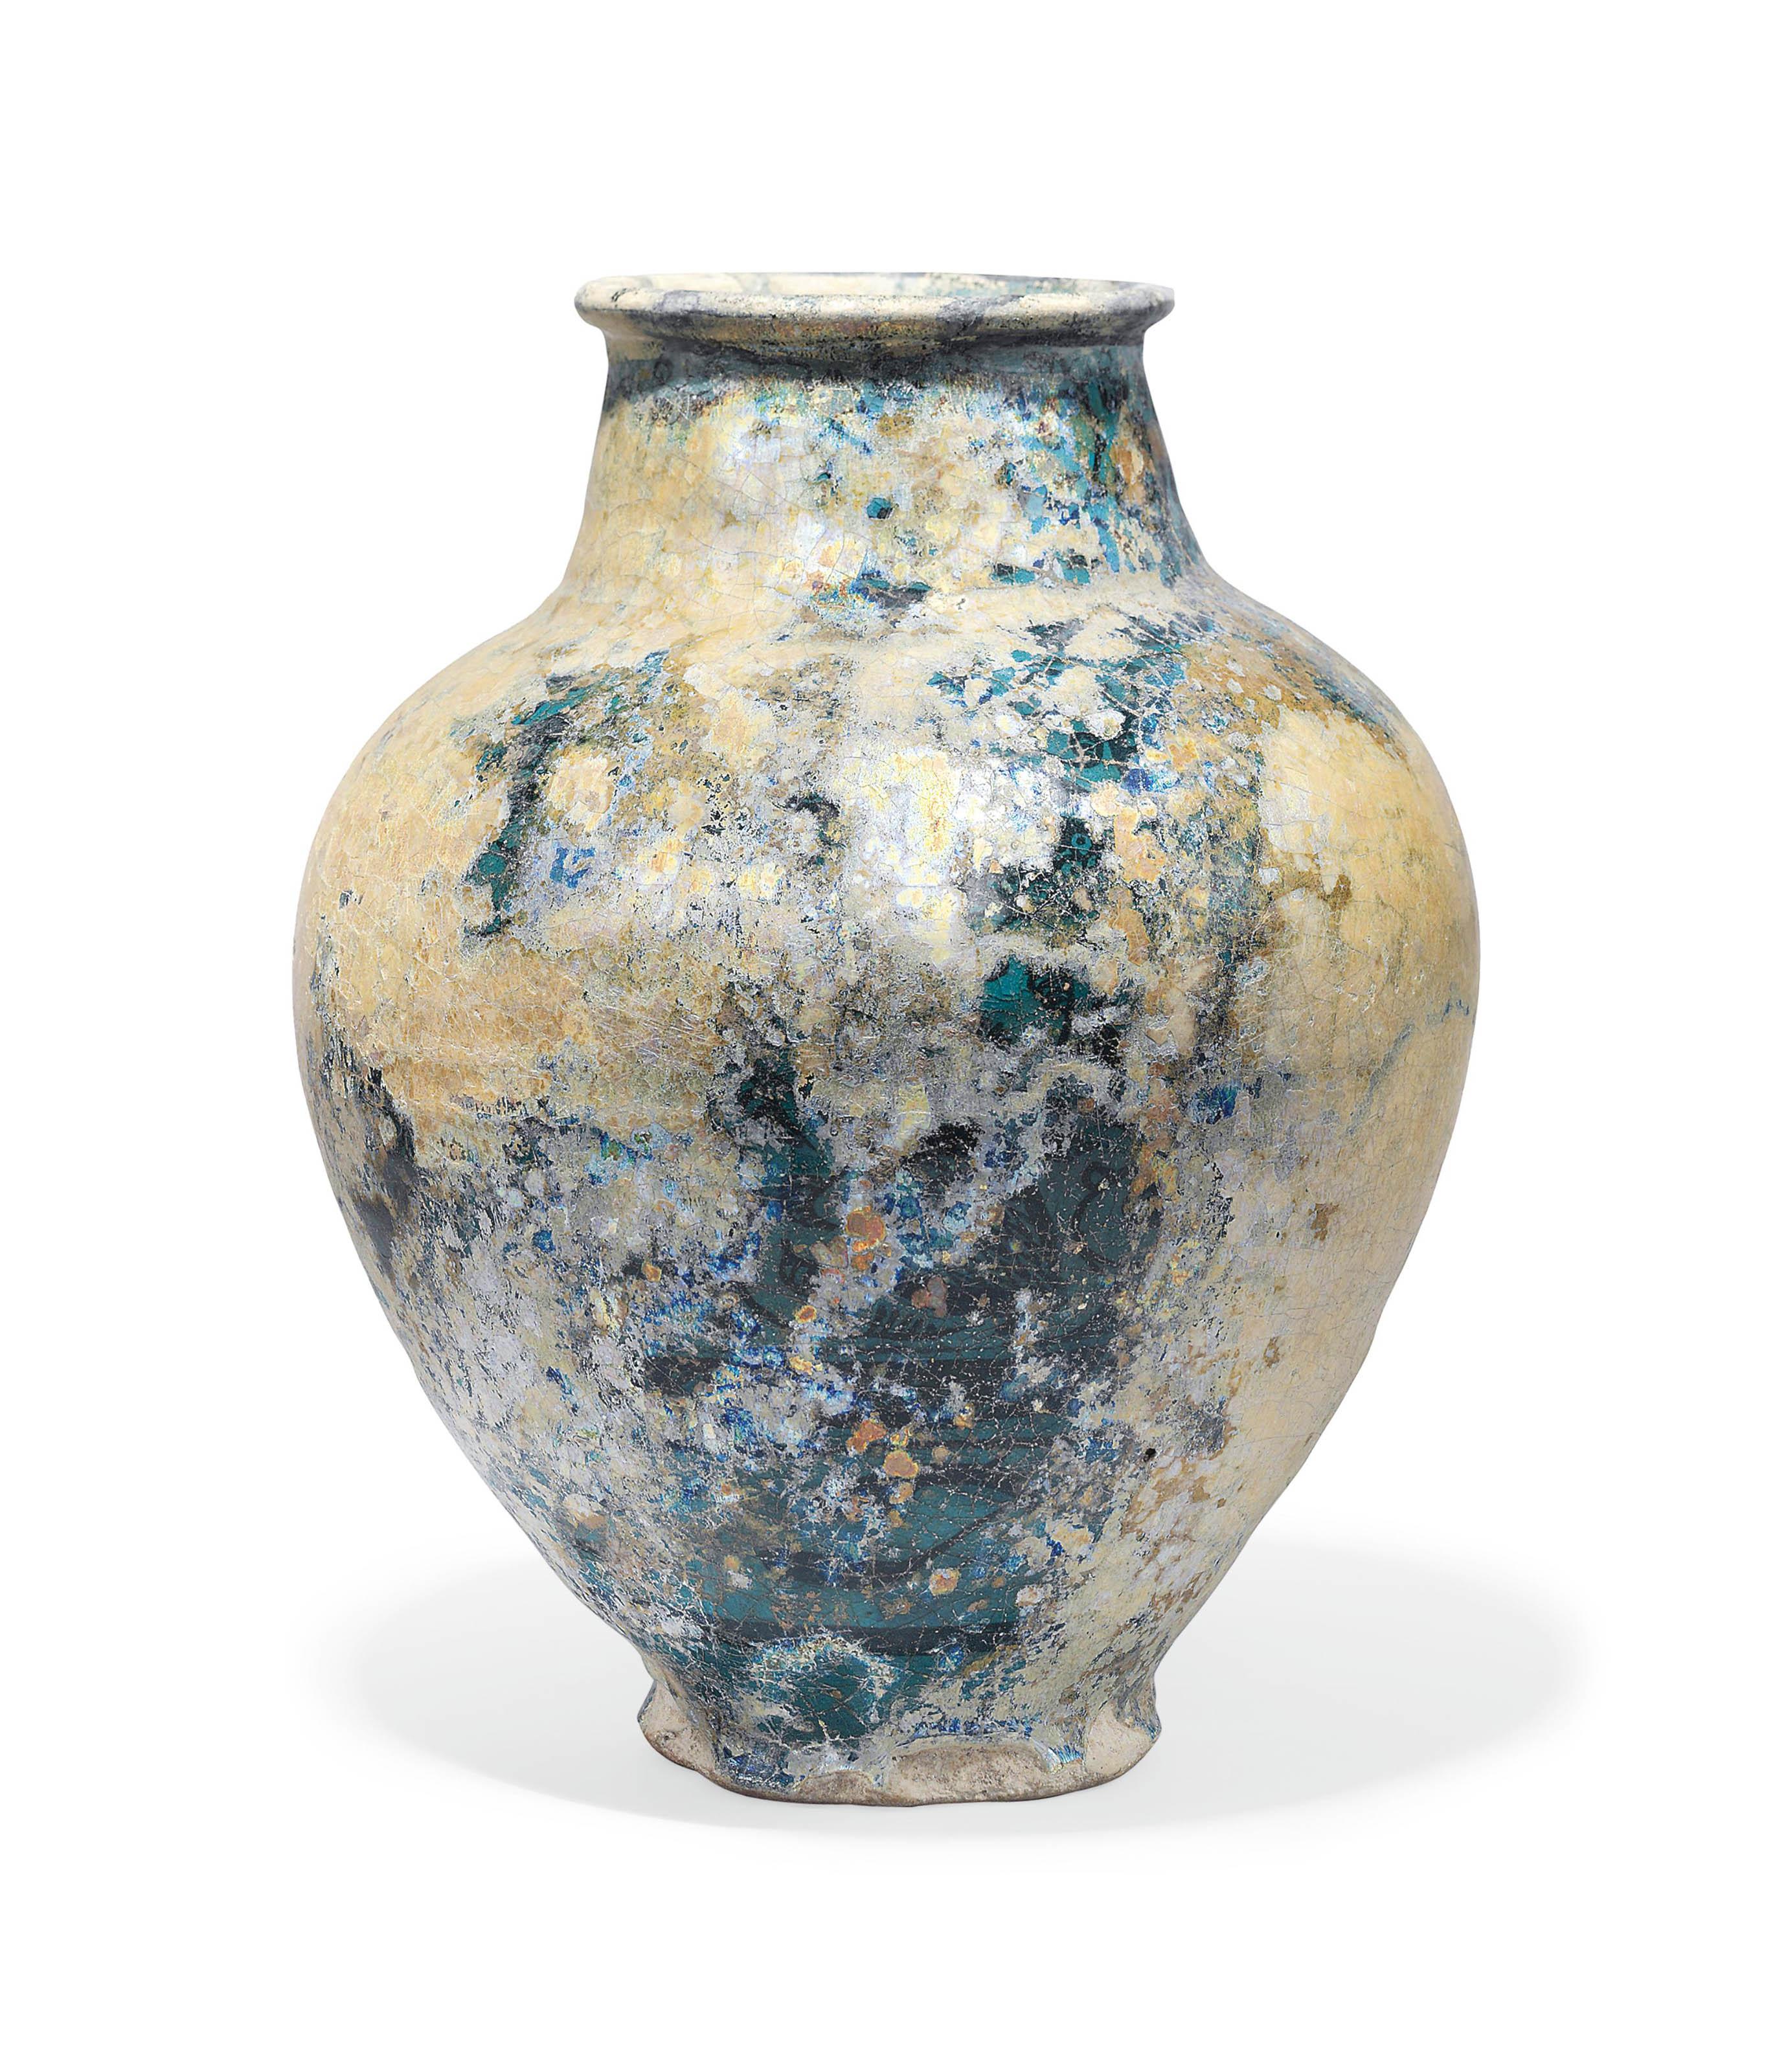 A Large Turquoise Blue Glazed Pottery Vase Kashan Iran